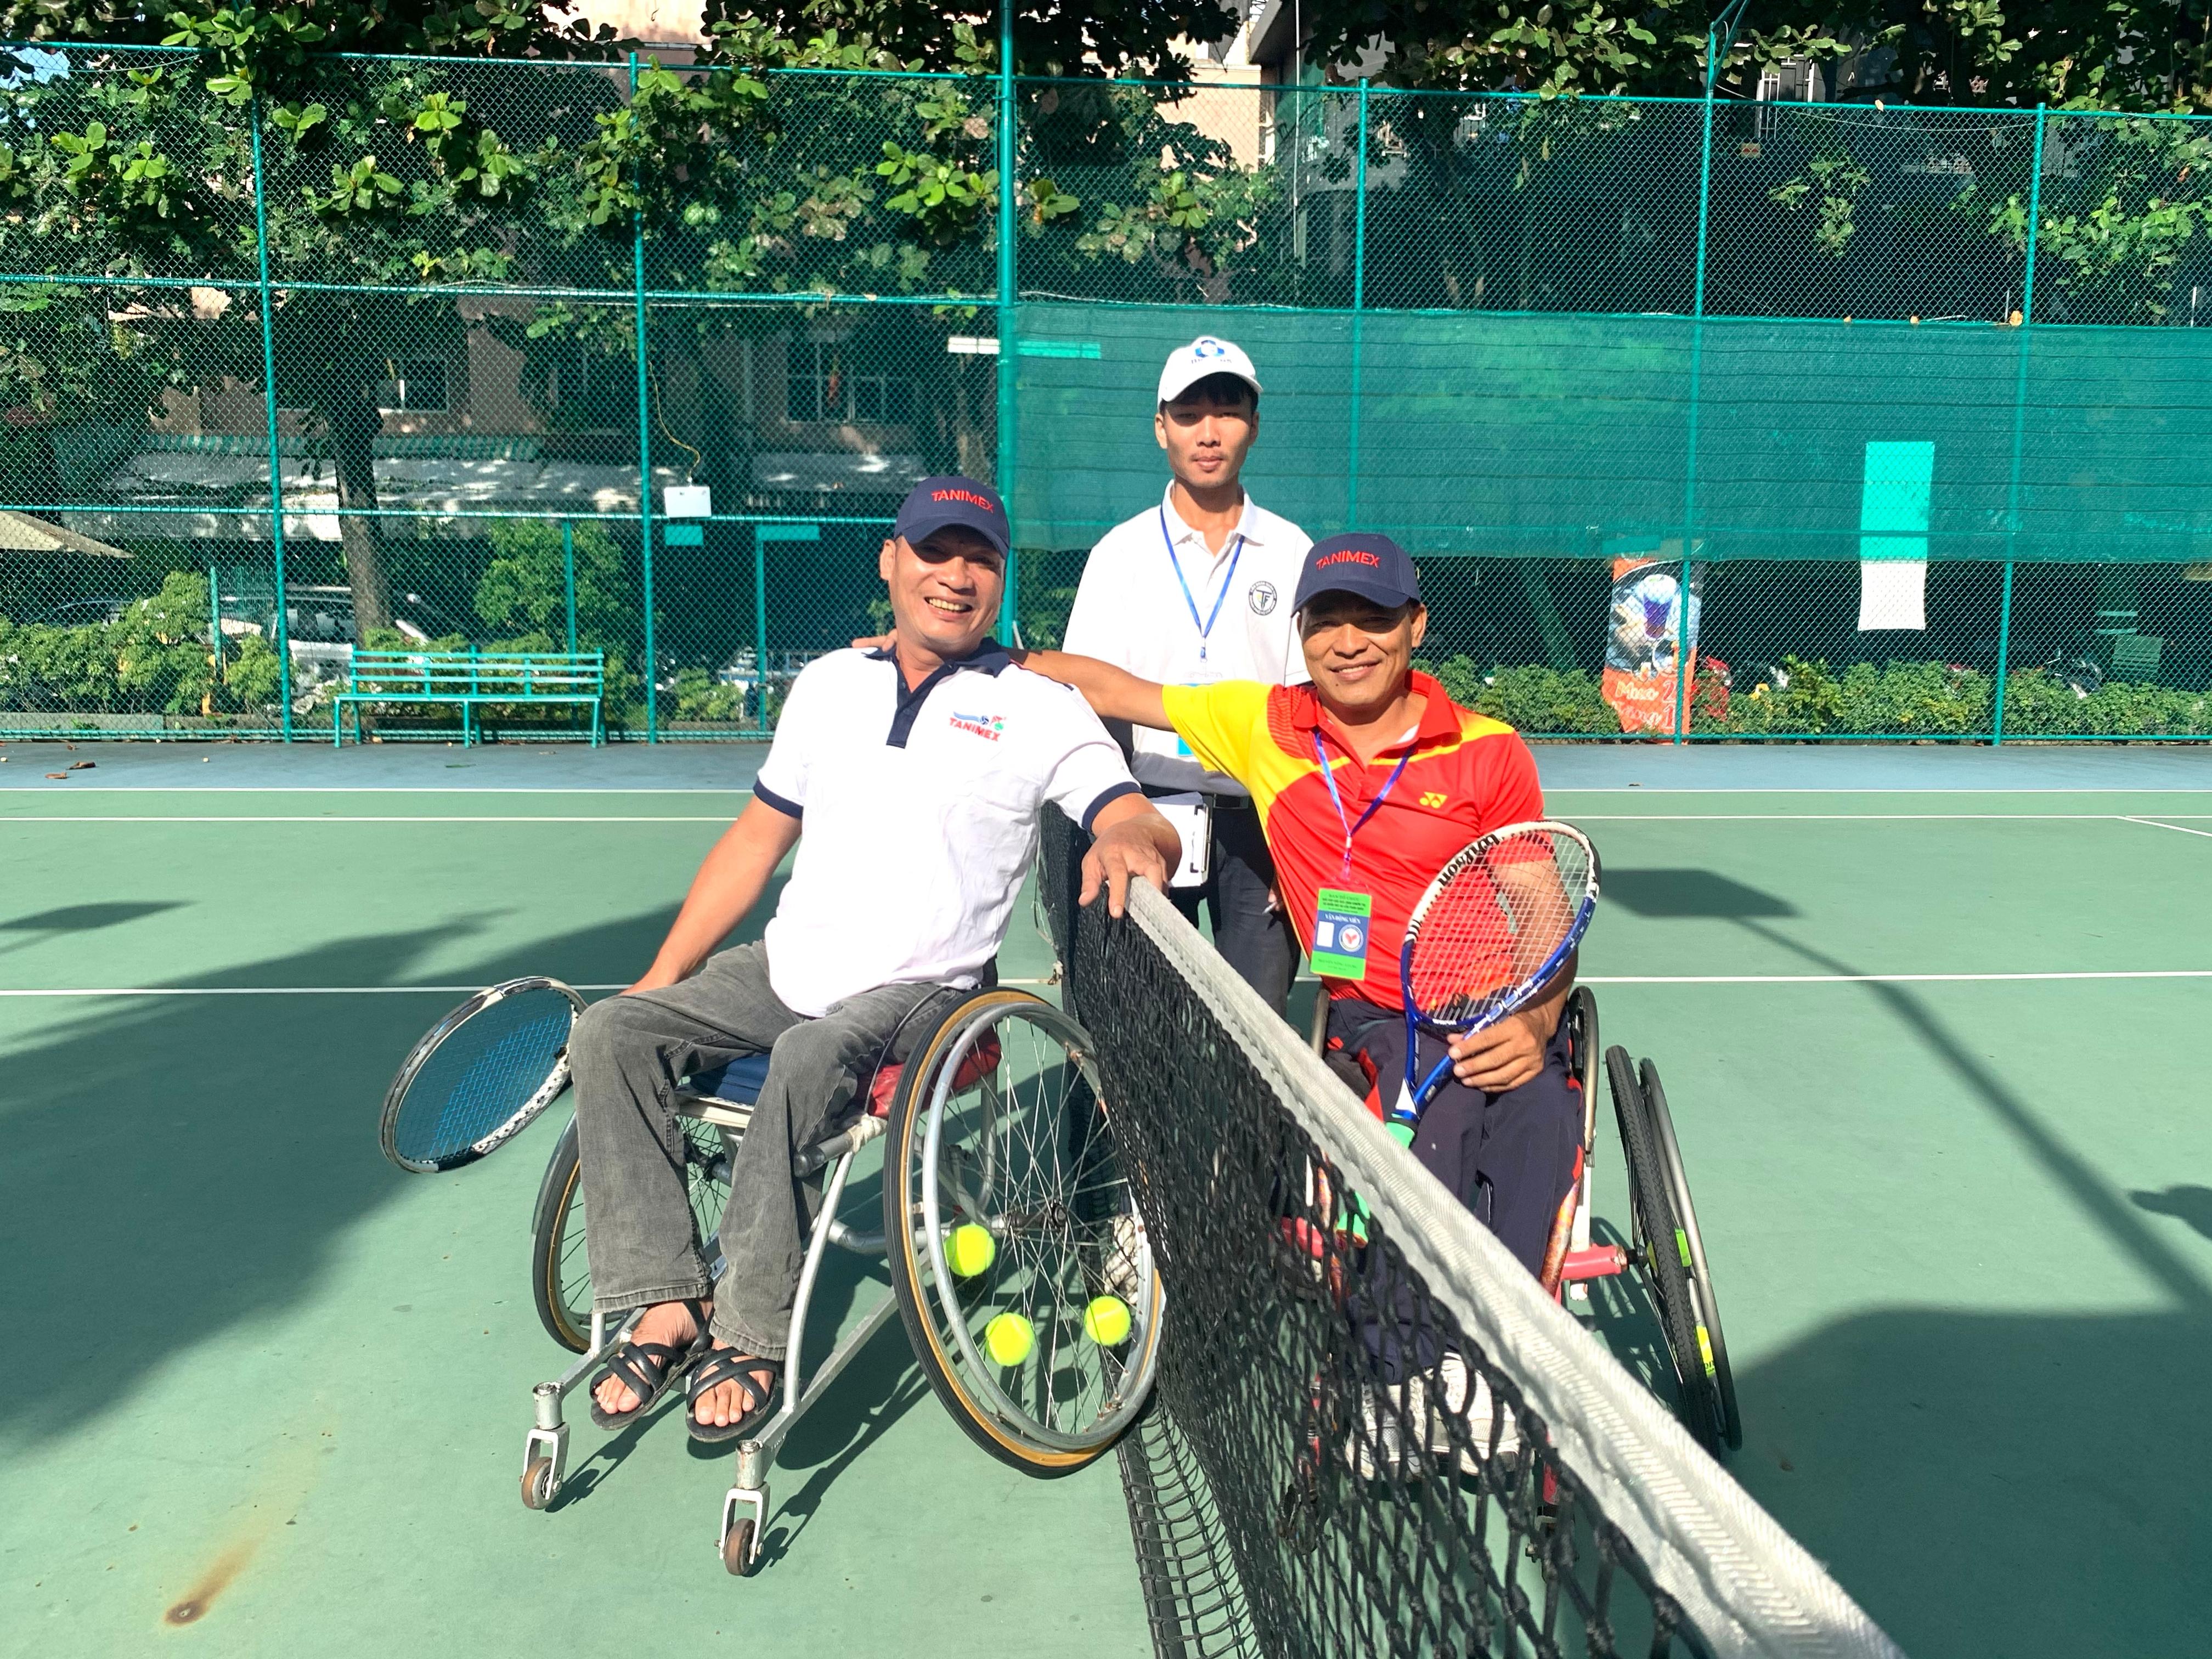 Hình ảnh: Hấp dẫn giải các câu lạc bộ quần vợt xe lăn Toàn quốc - Cúp Tanimex 2020 số 2